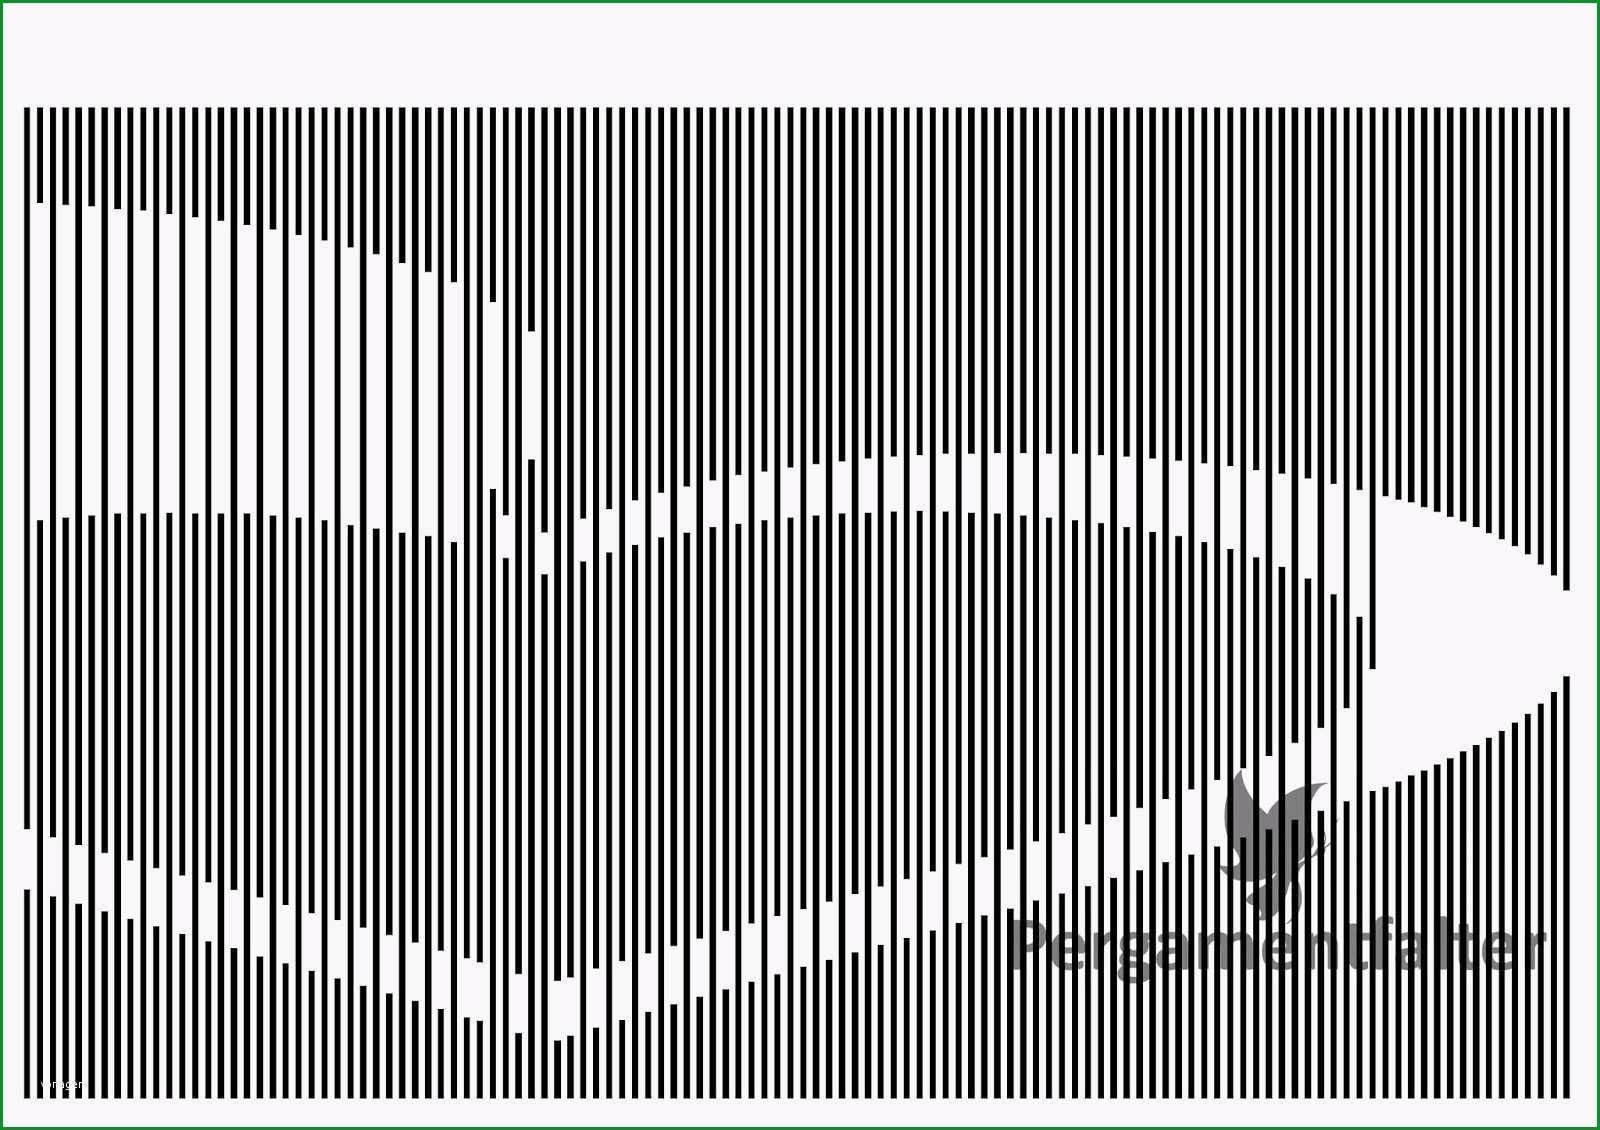 buch falten vorlagen zum ausdrucken 64